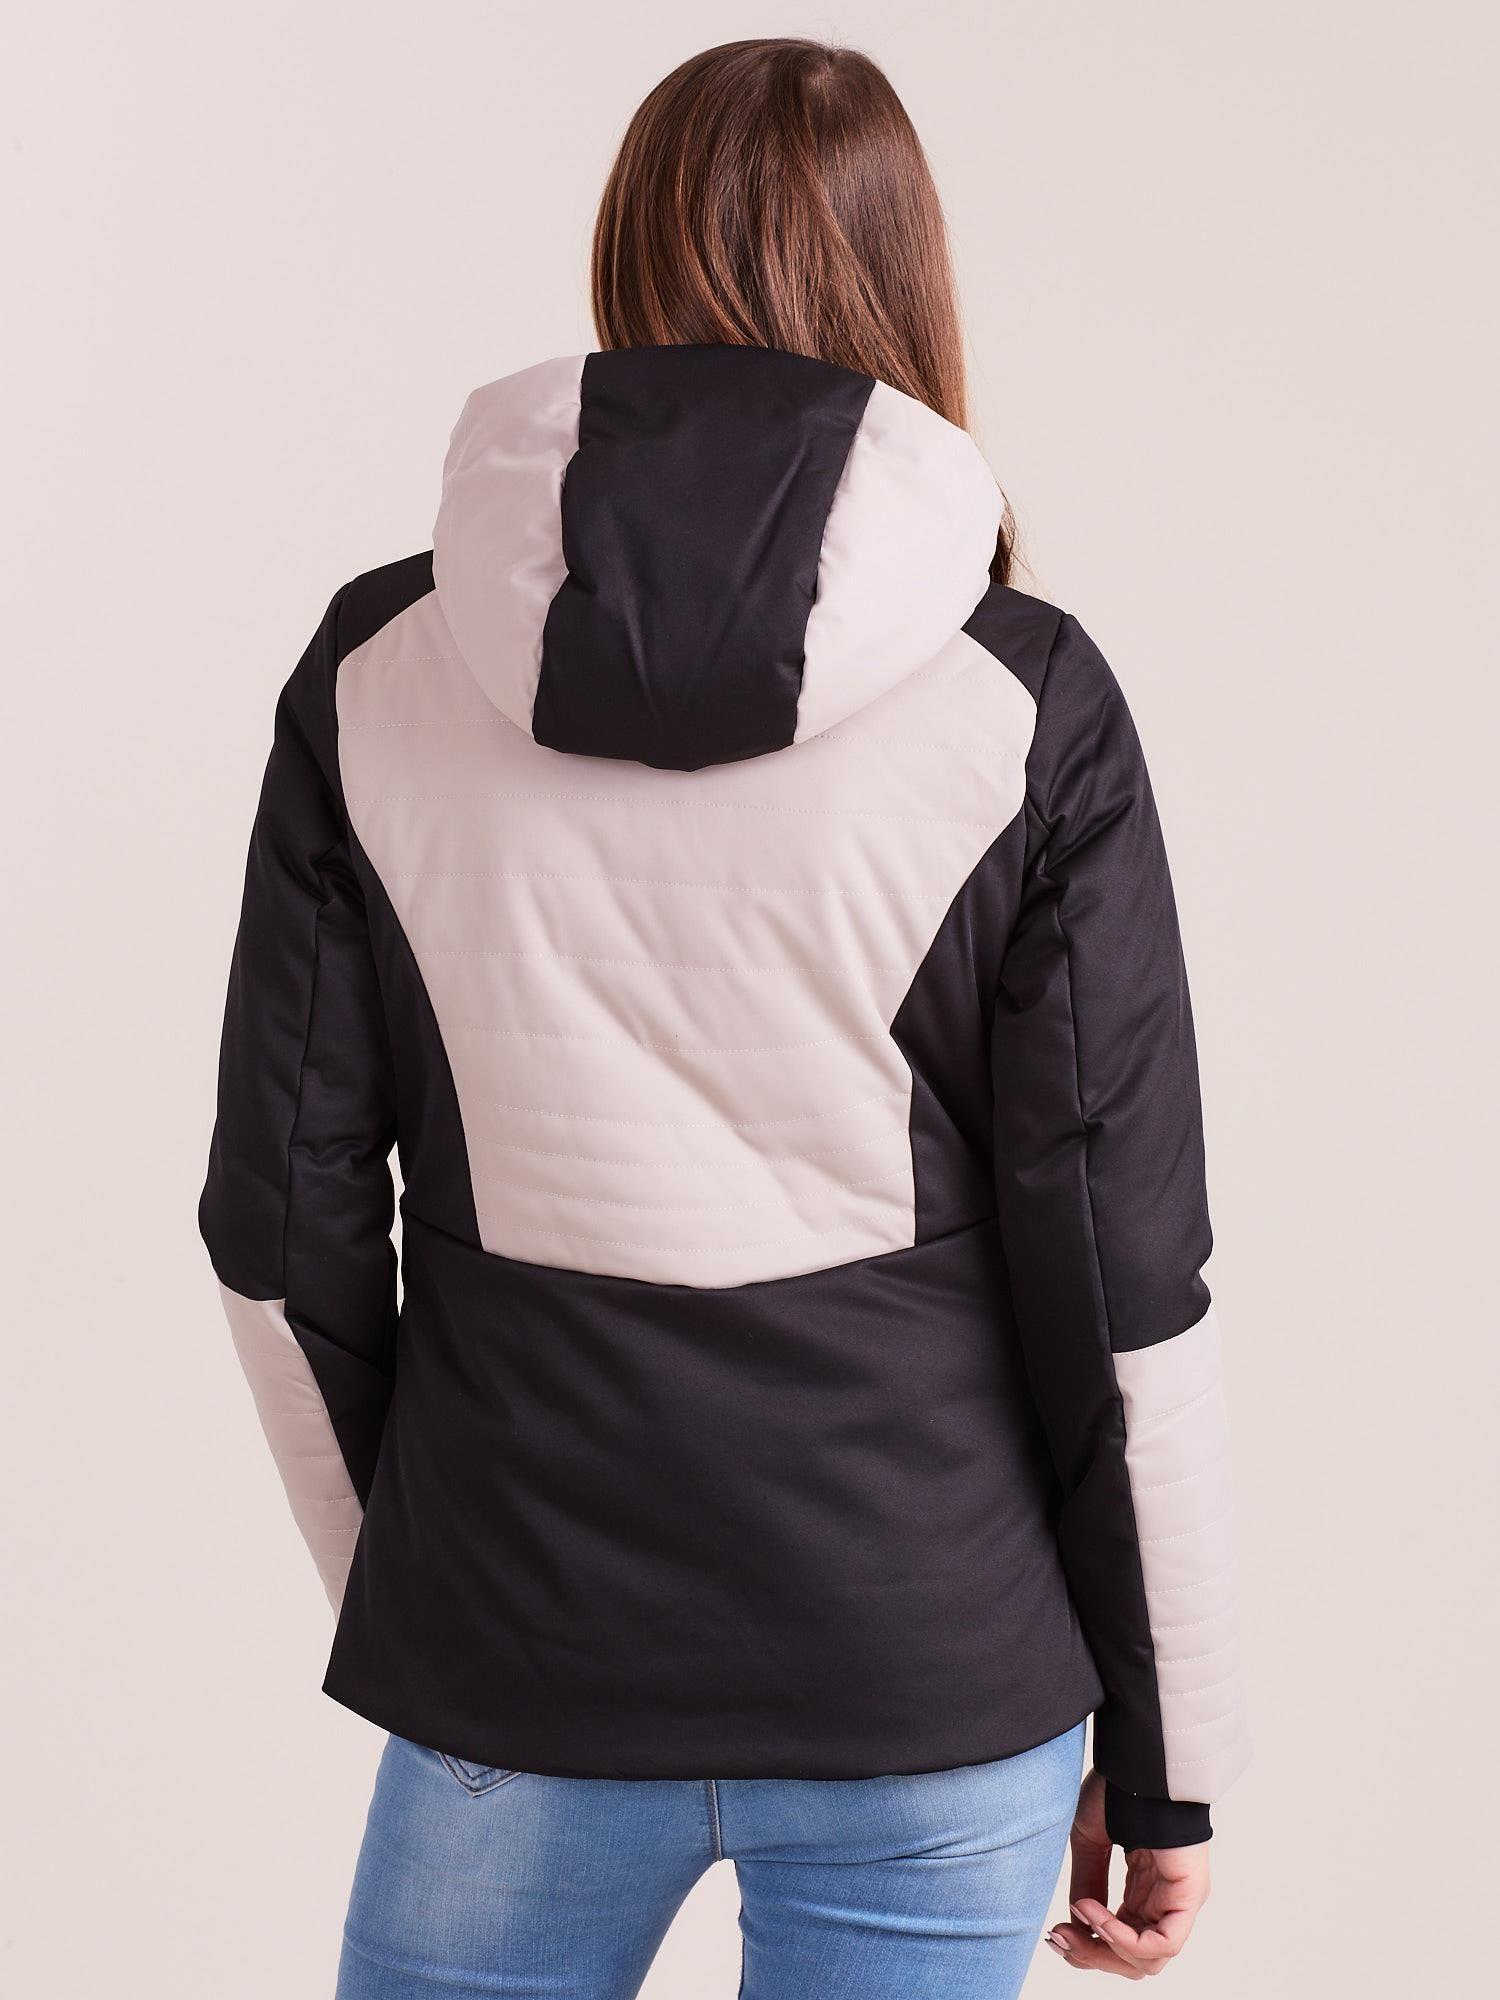 kurtka beżowa narciarska damska 4f